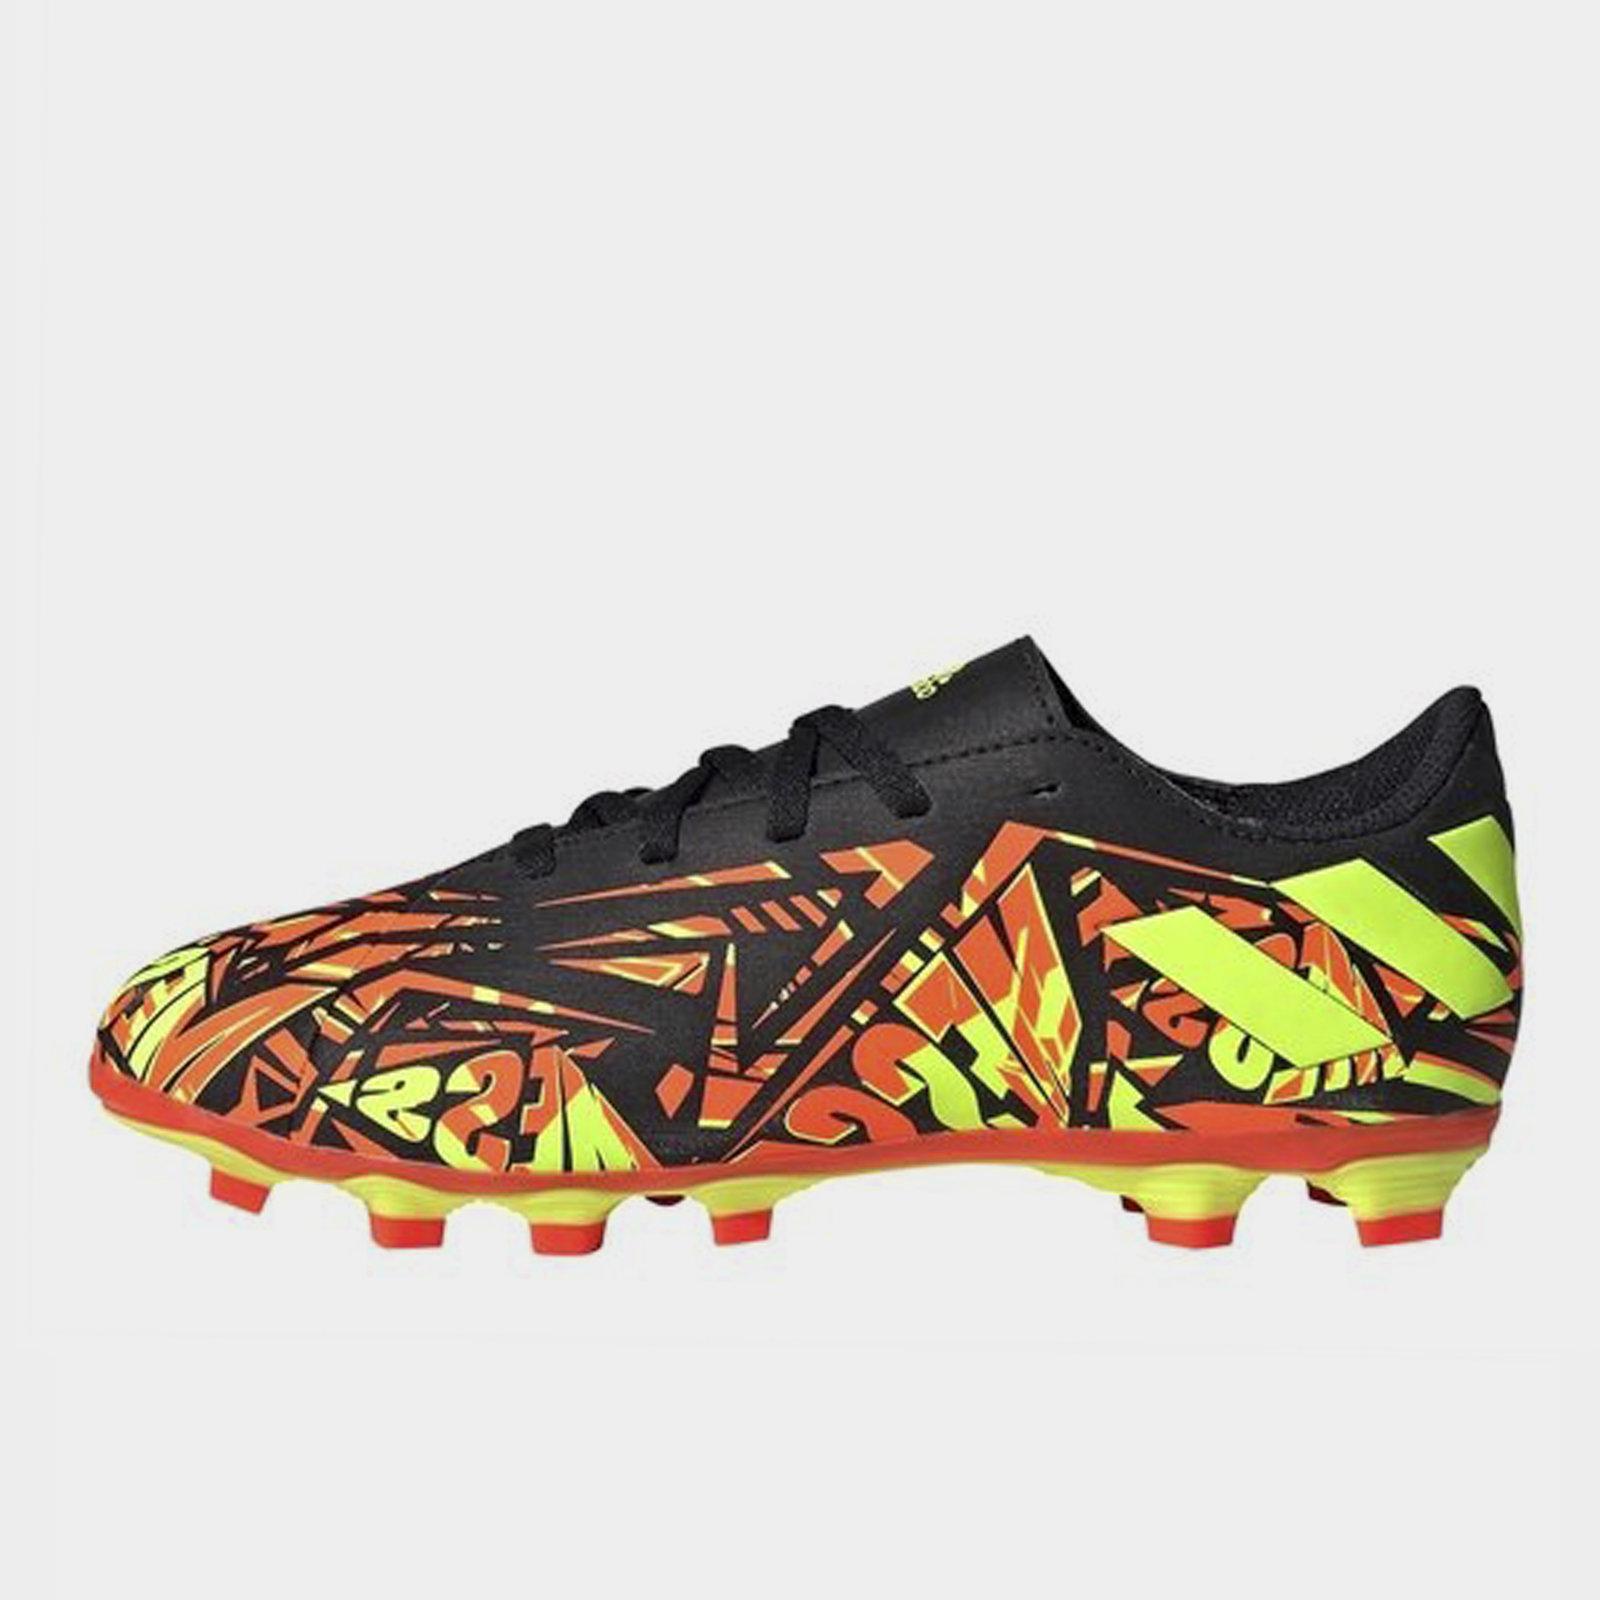 Nemeziz Messi .4 Childrens FG Football Boots